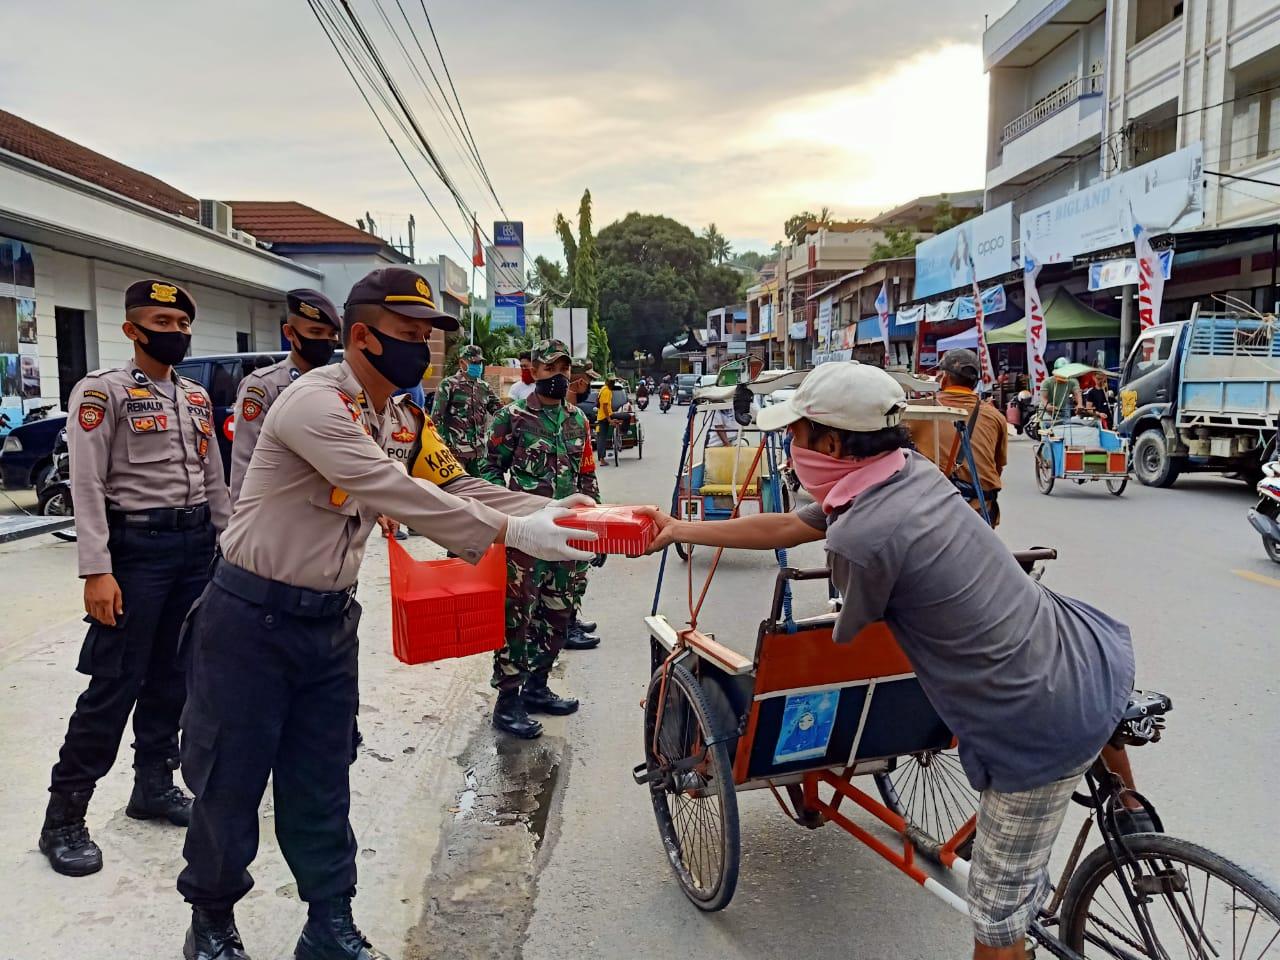 Gambar TNI/POLRI dan Pemda Bersinergi Layani Masyarakat di Tengah Pandemi Covid-19